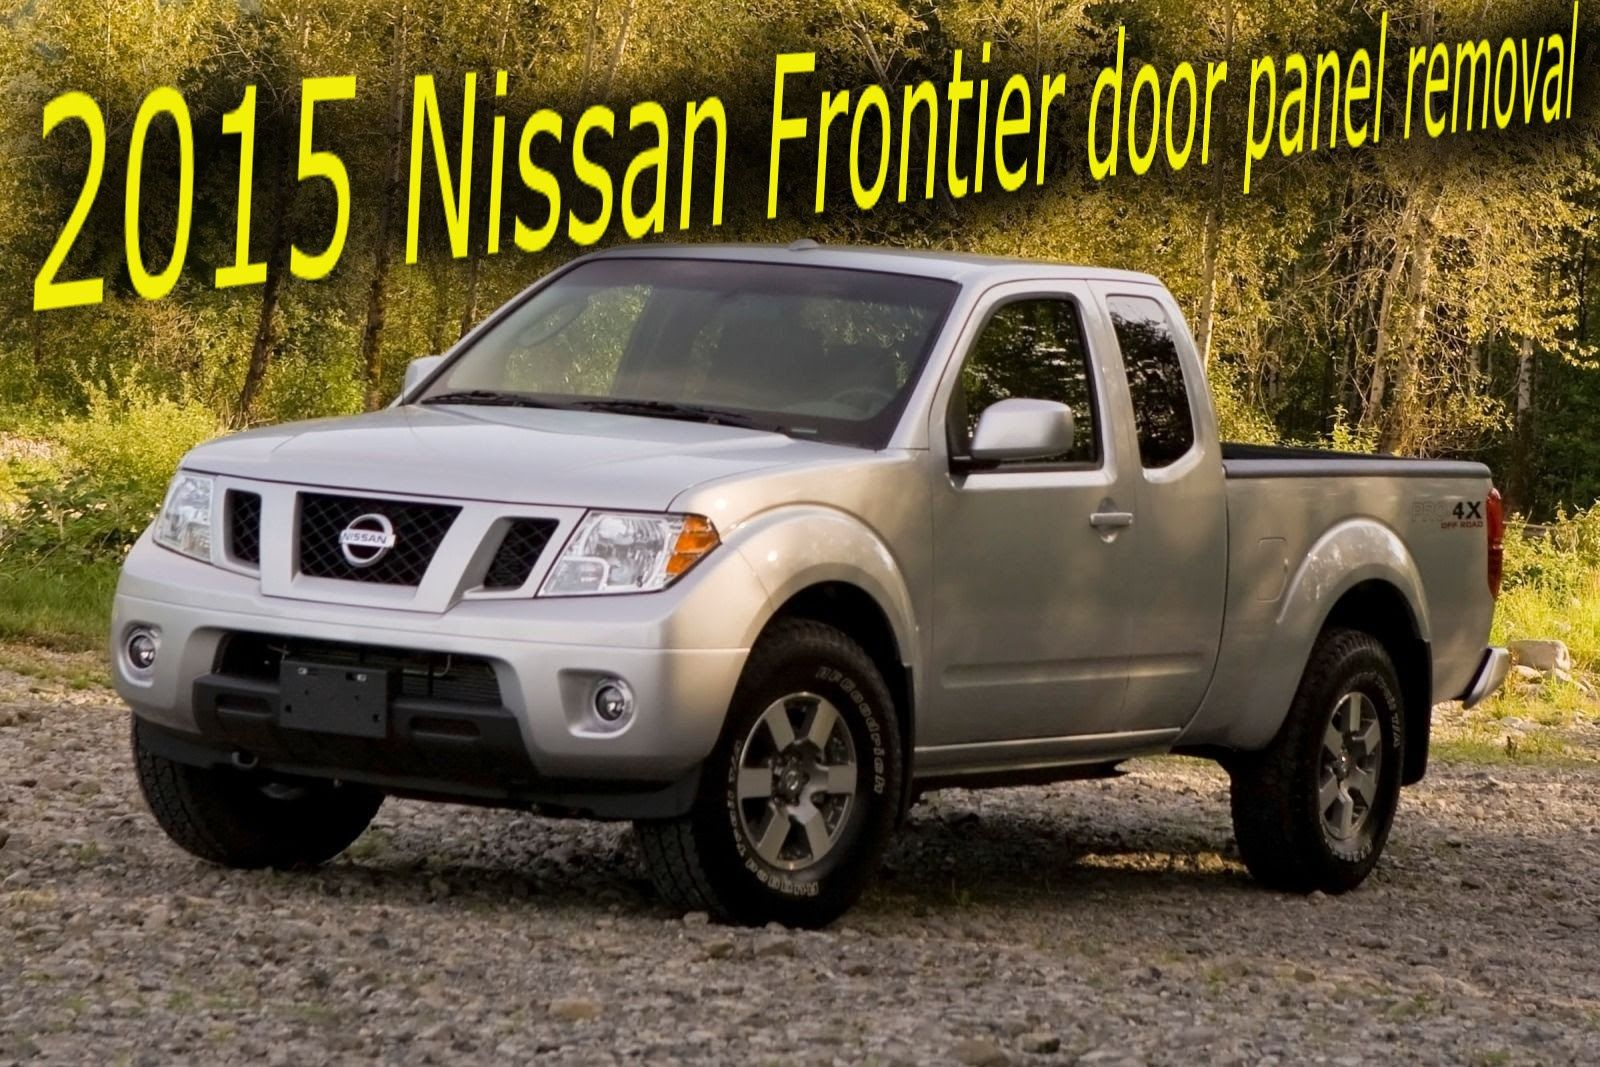 2015 Nissan Frontier door panel removal & 2015 Nissan Frontier door panel removal | auto related | Pinterest